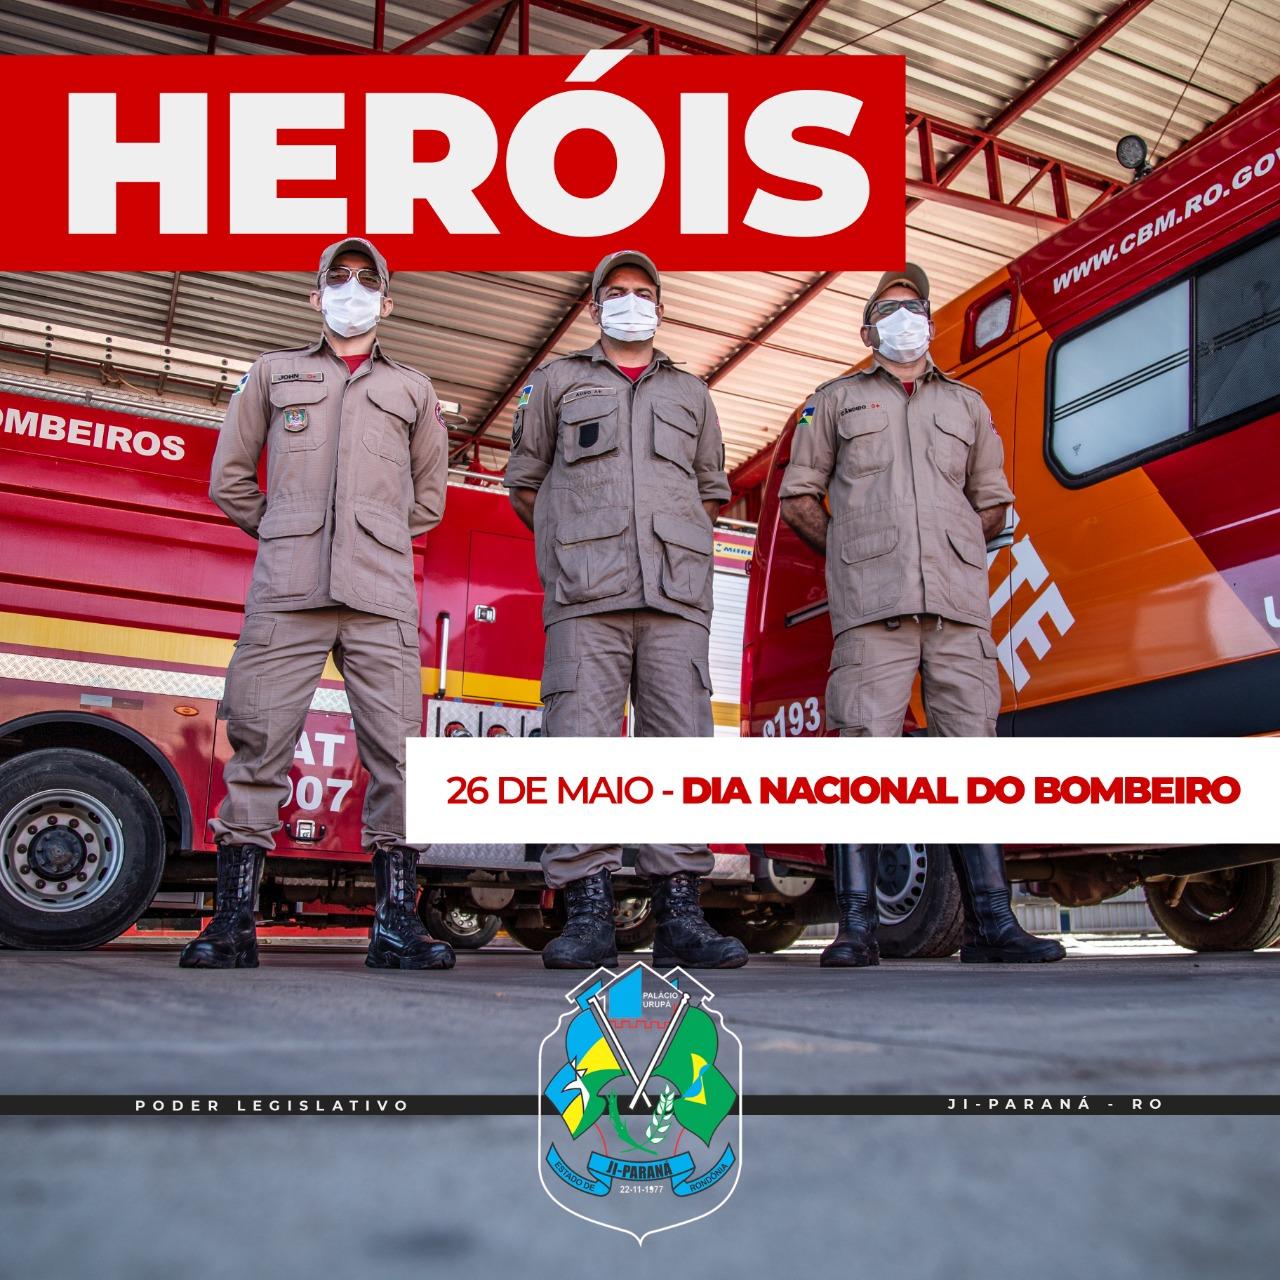 ANJOS, HERÓIS, GUERREIROS...